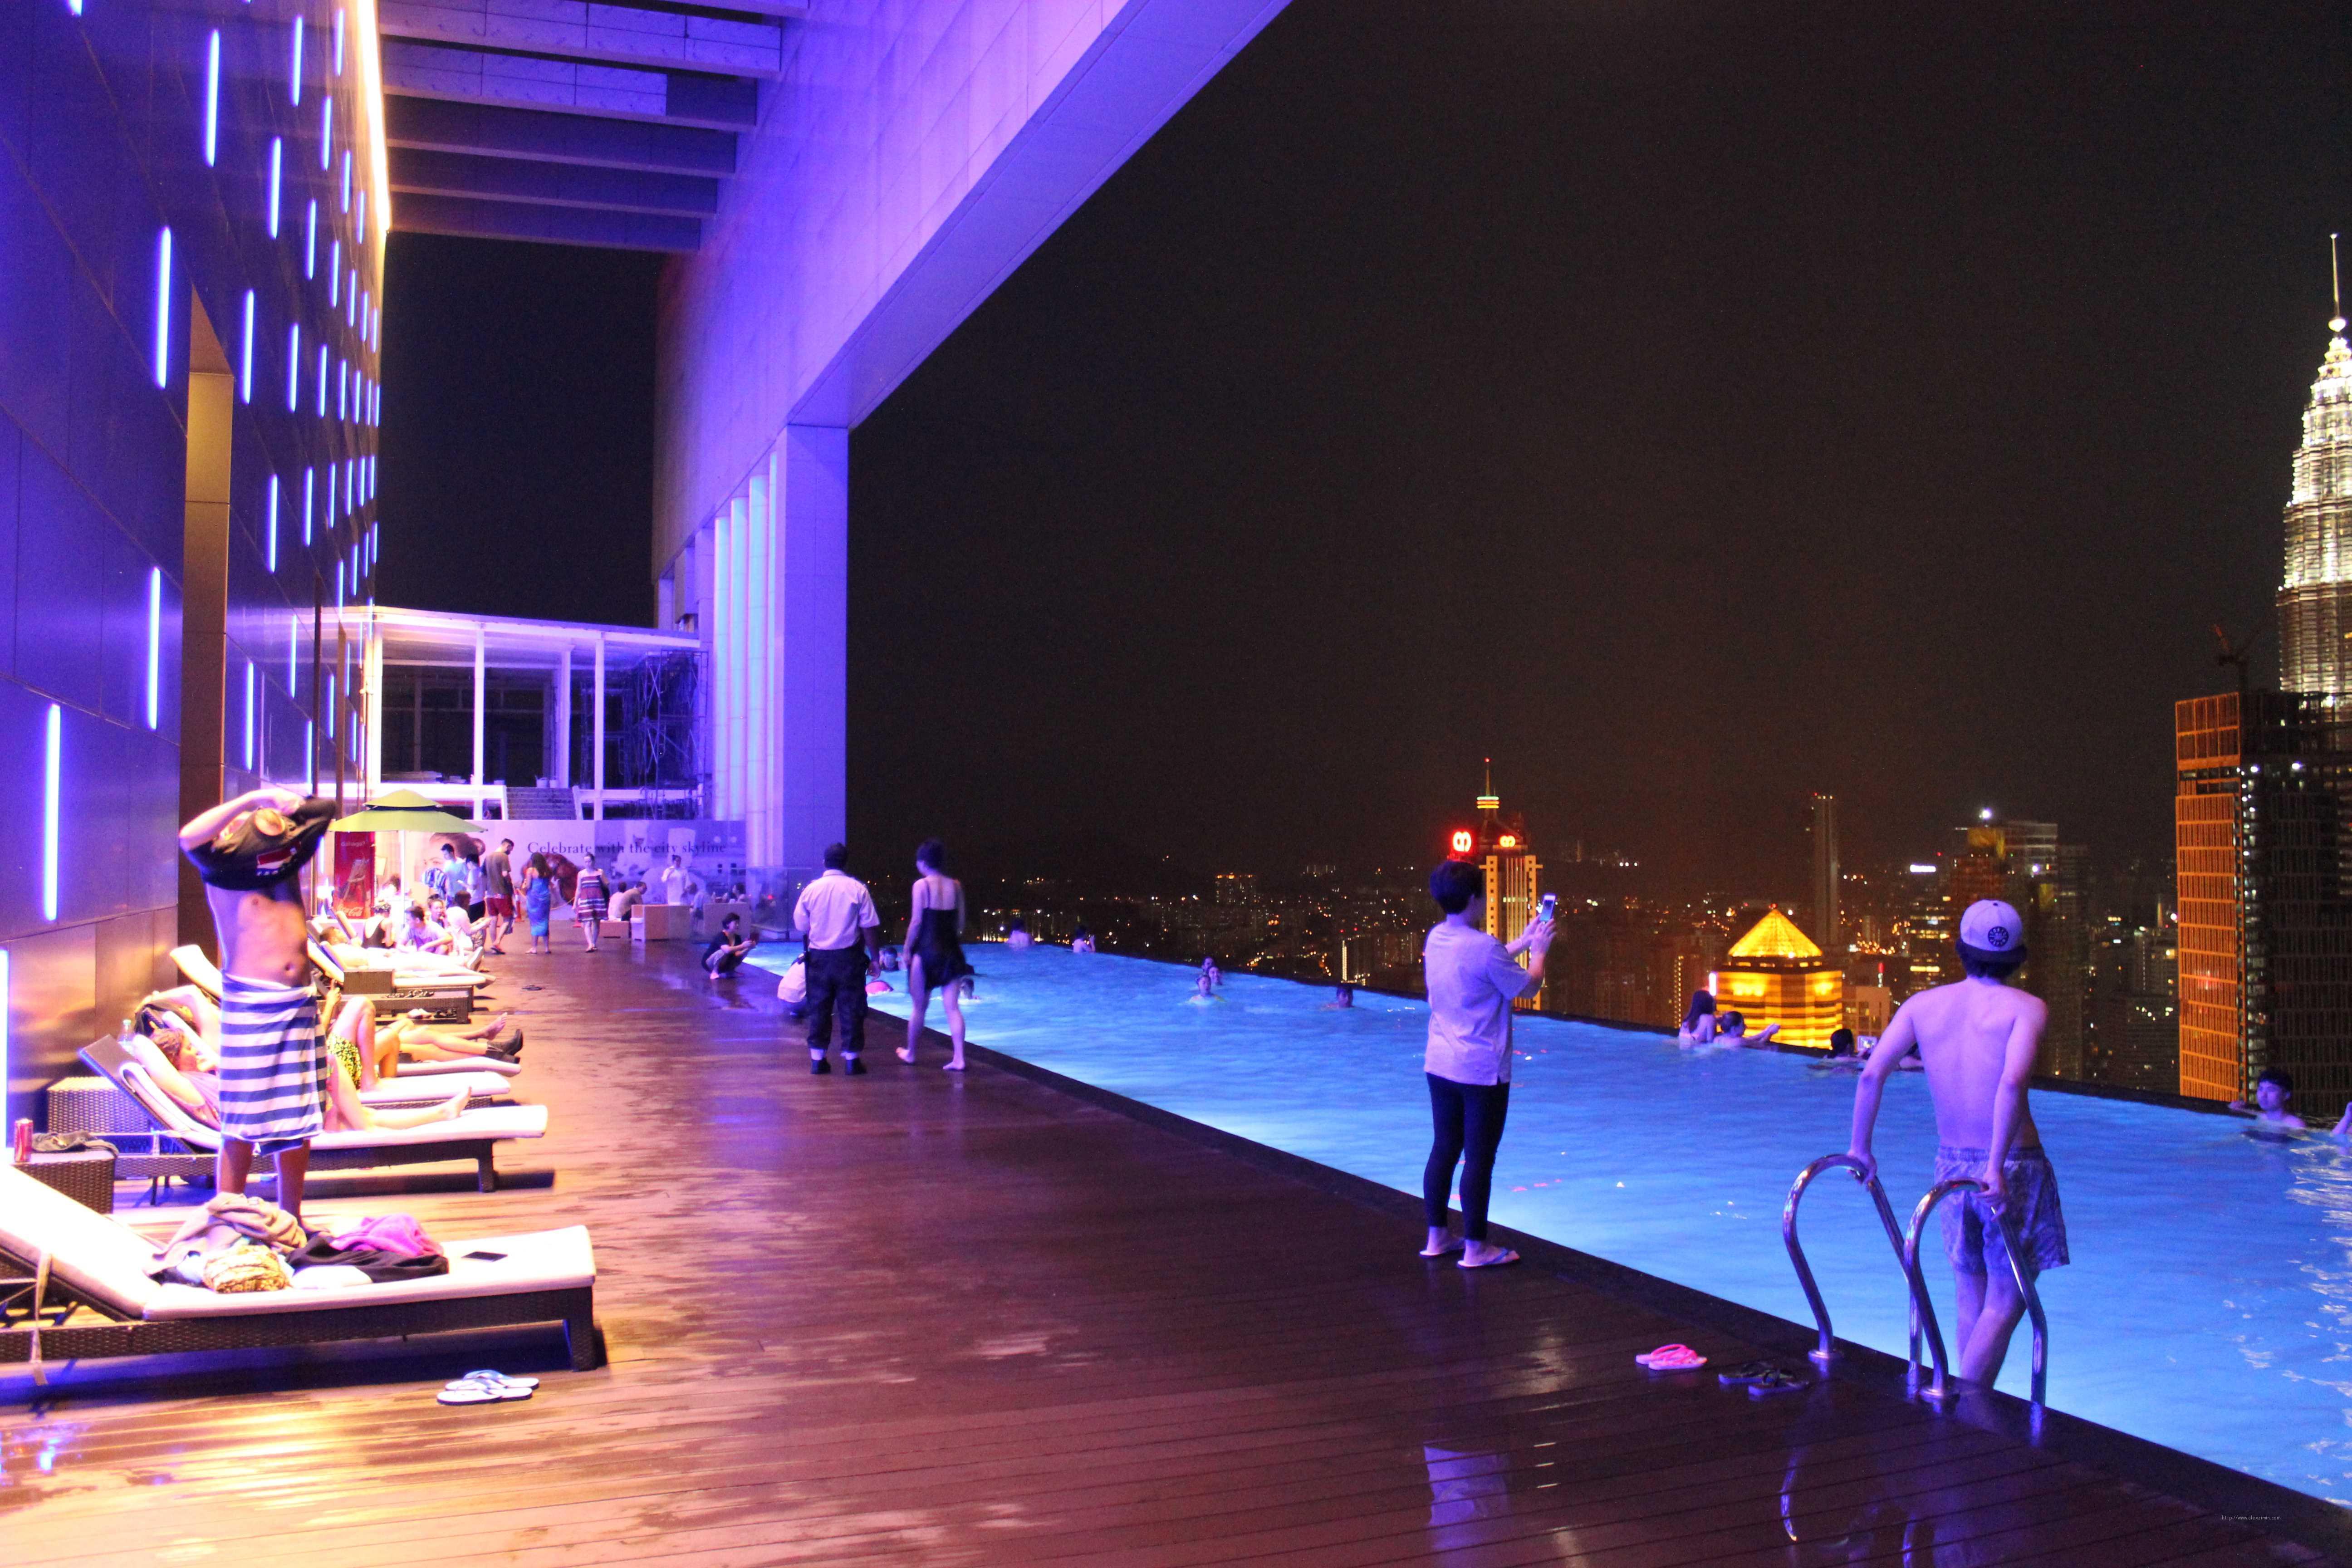 Куала Лумпур. Отель с бассейном на крыше